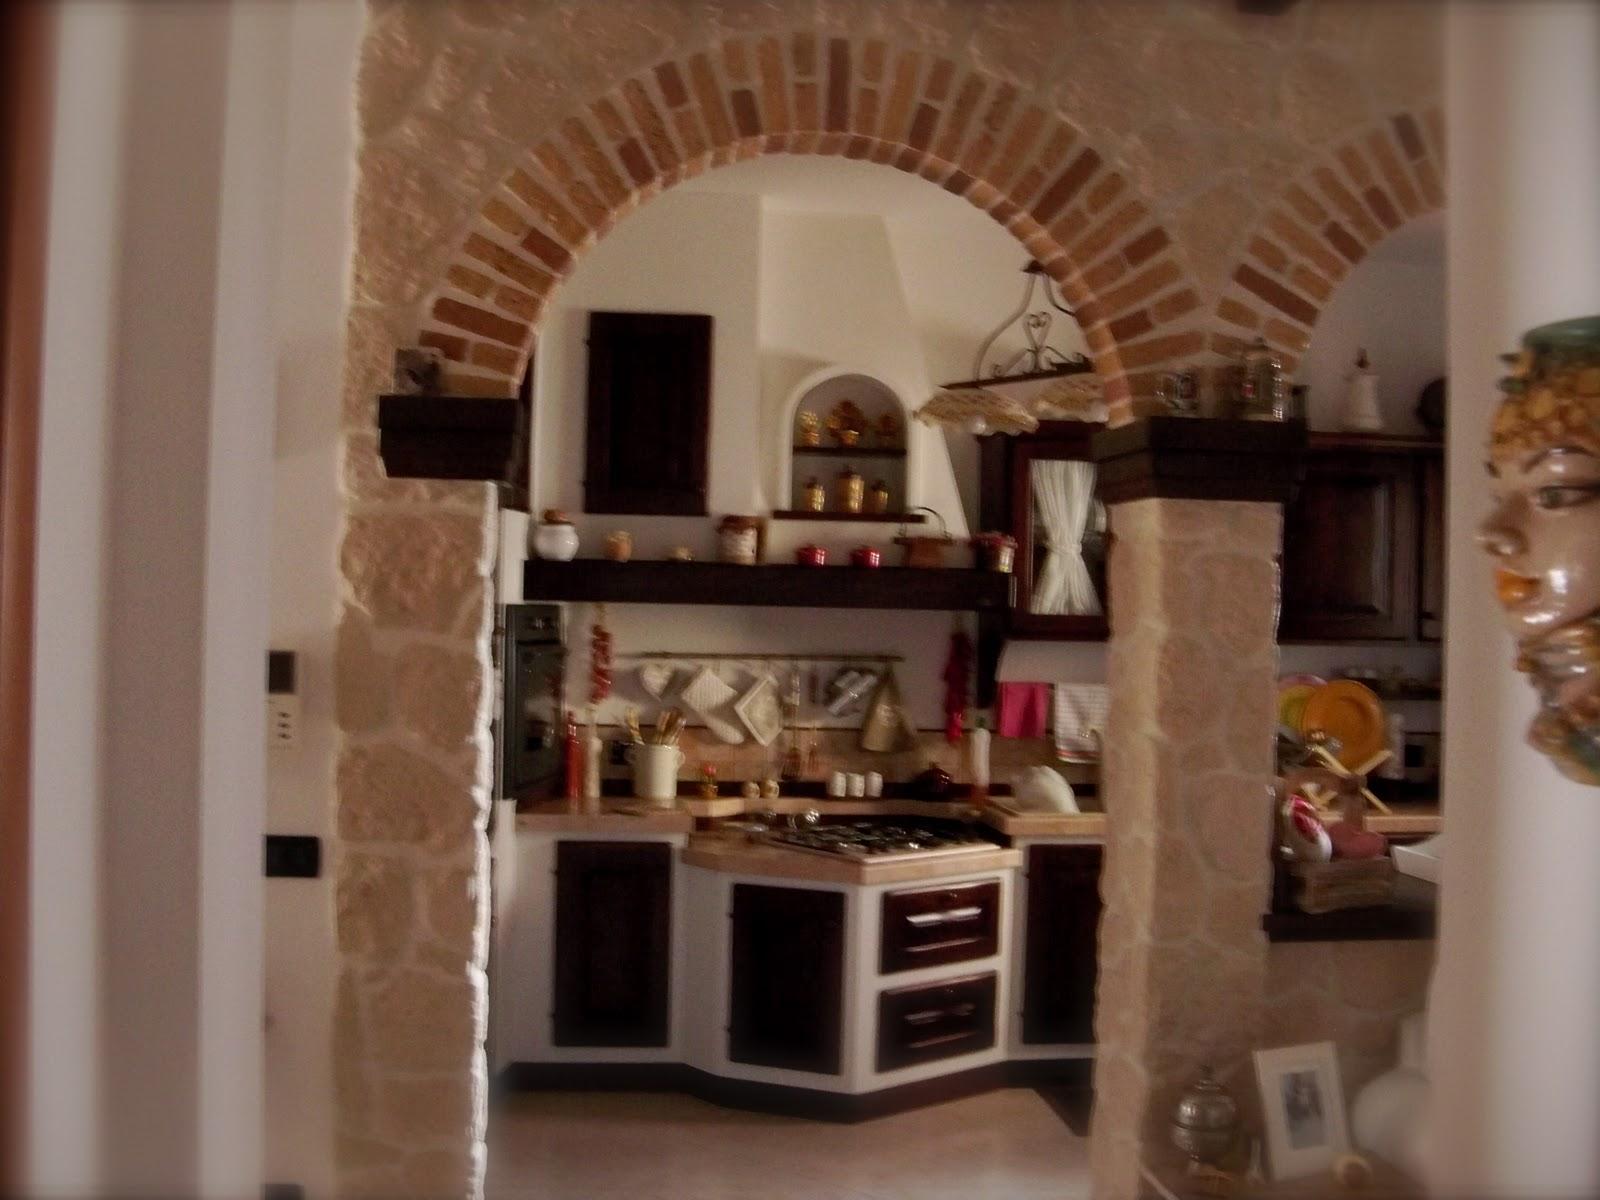 Stile francese provenzale cucine rustiche economiche - Cucine stile francese ...